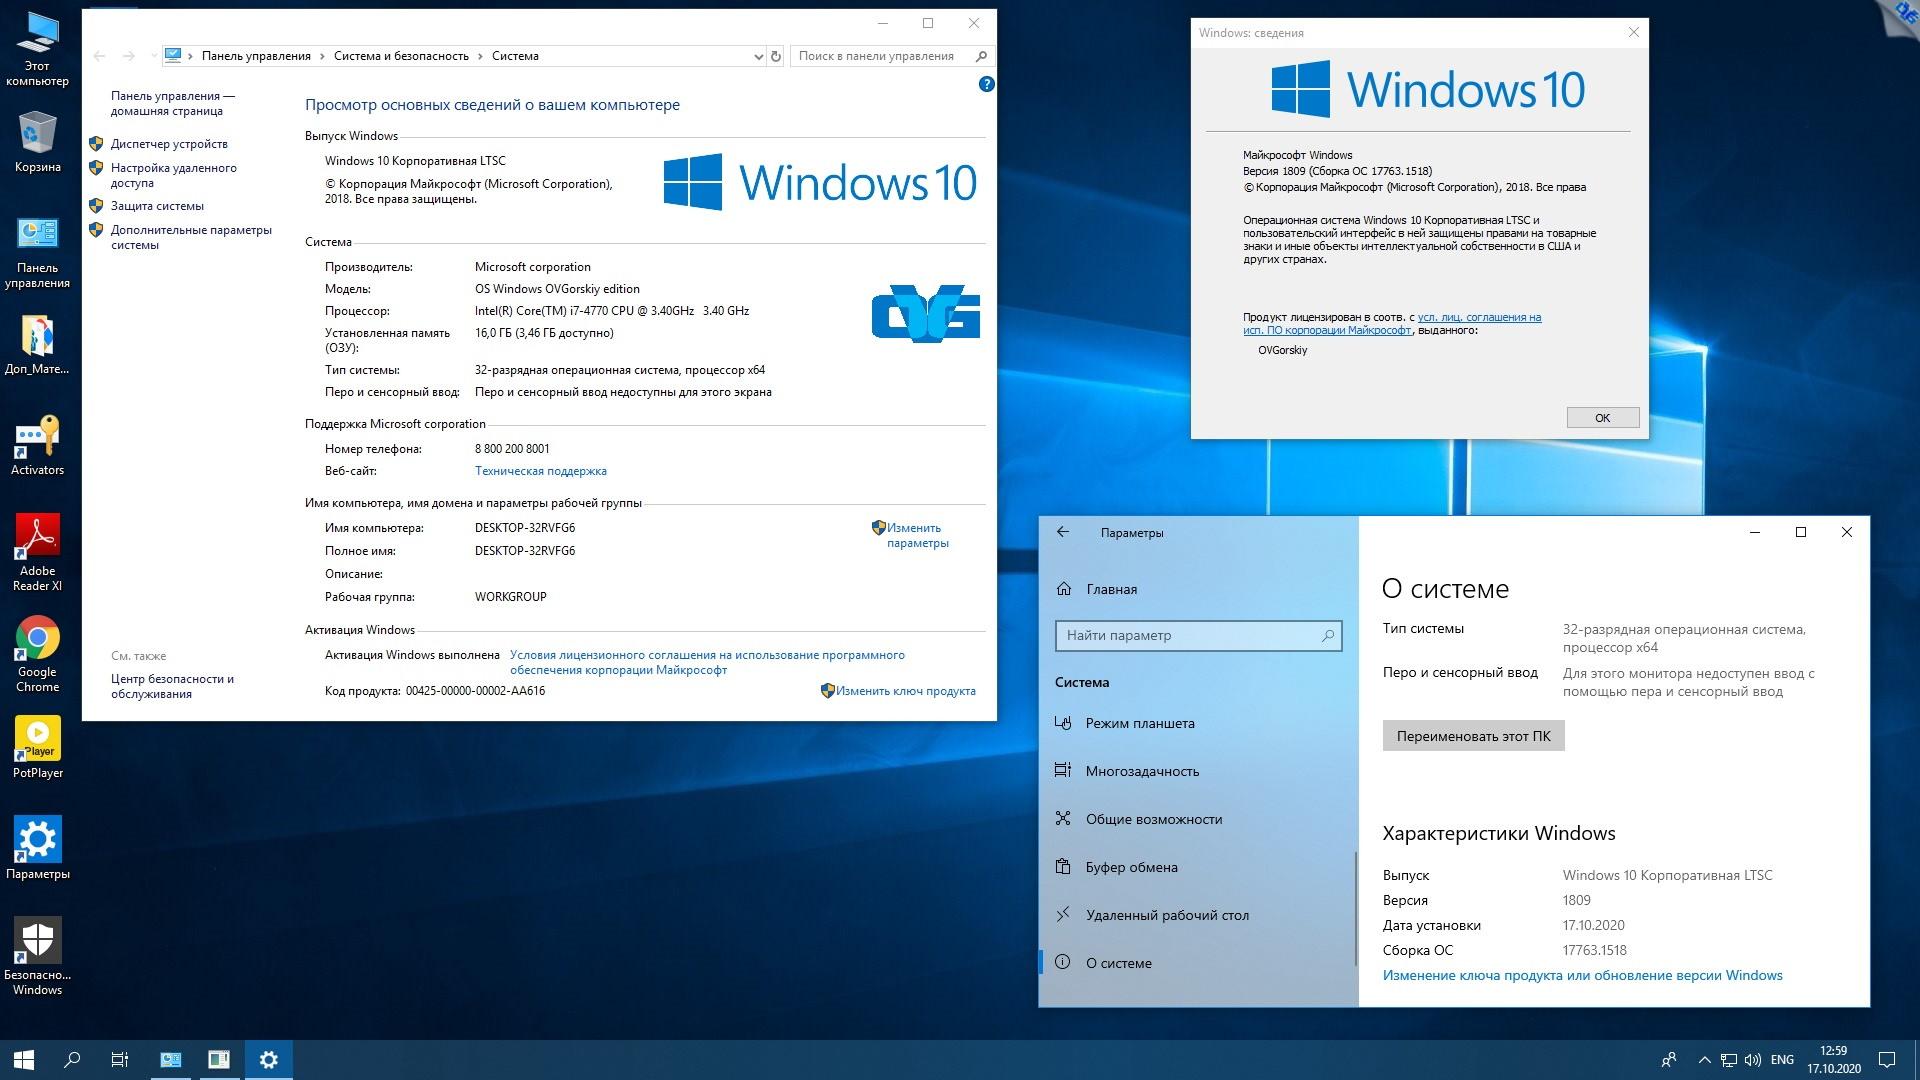 Microsoft® Windows® 10 Enterprise LTSC 2019 x86-x64 1809 RU by OVGorskiy 10.2020 2DVD (2020) Русский